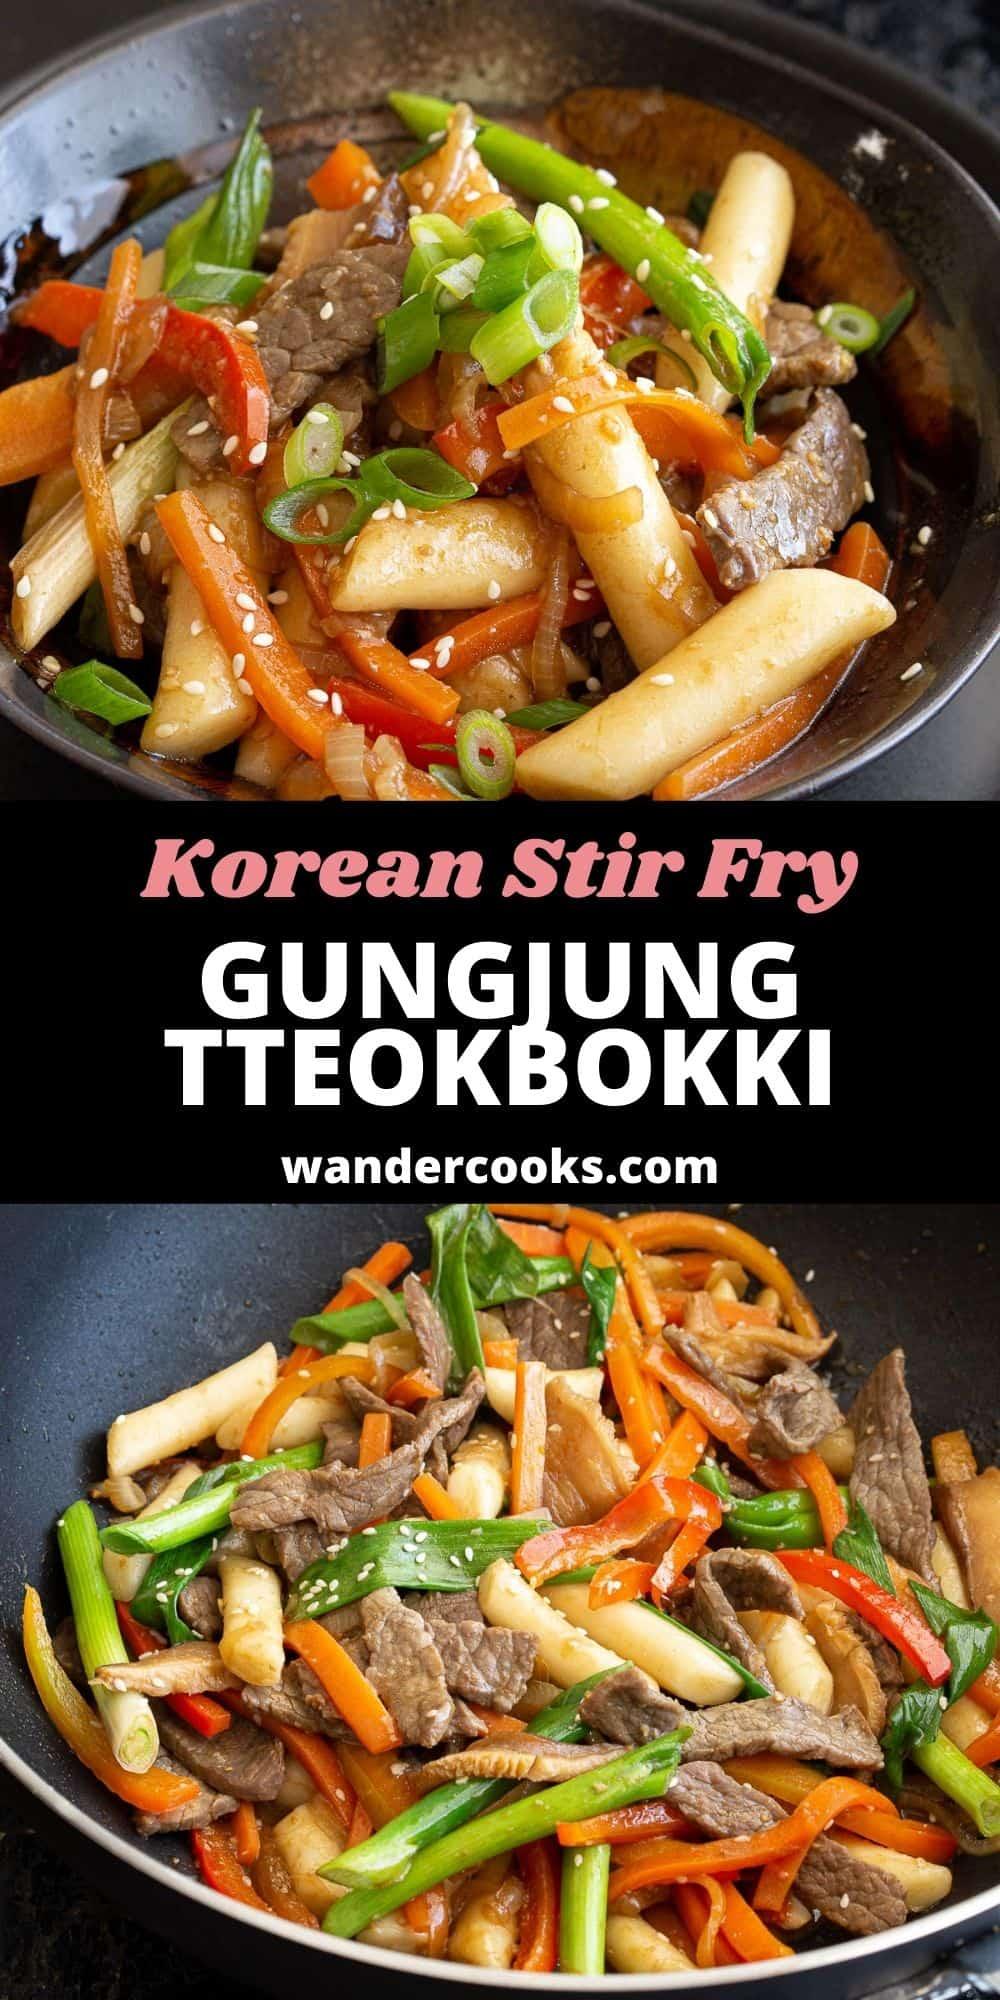 Gungjung Tteokbokki - Korean Royal Court Rice Cakes